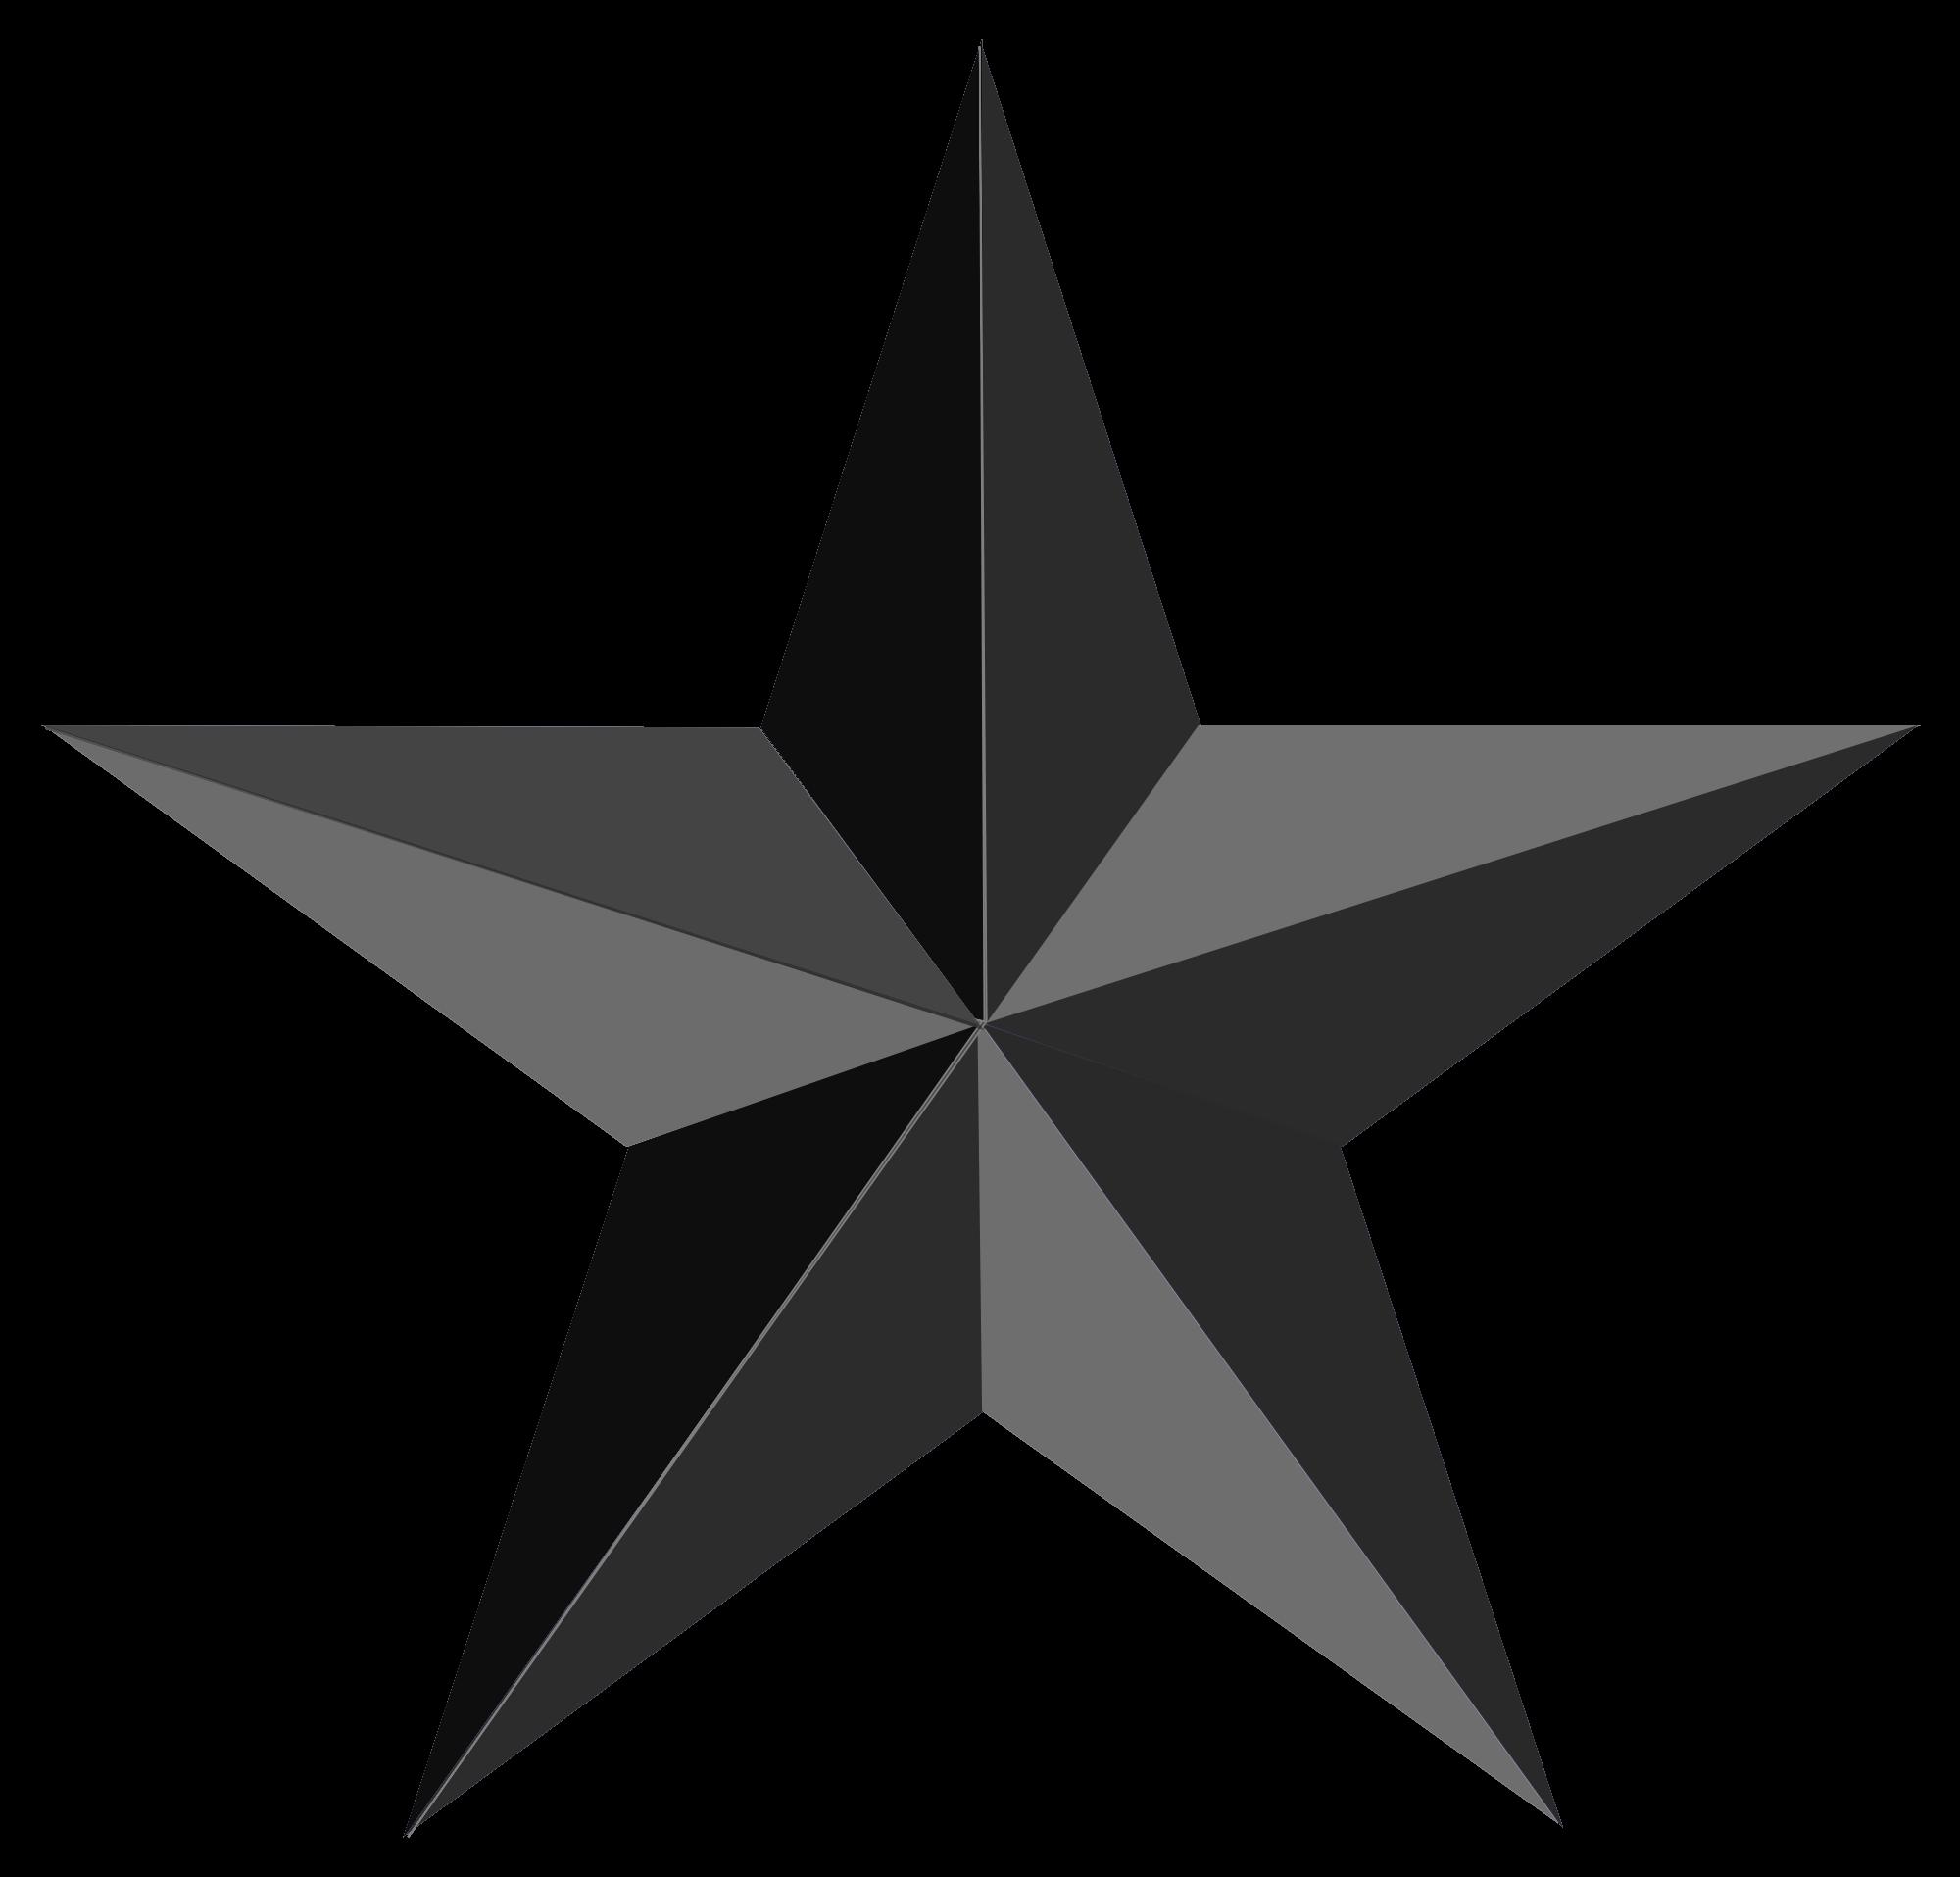 yıldız ile ilgili görsel sonucu